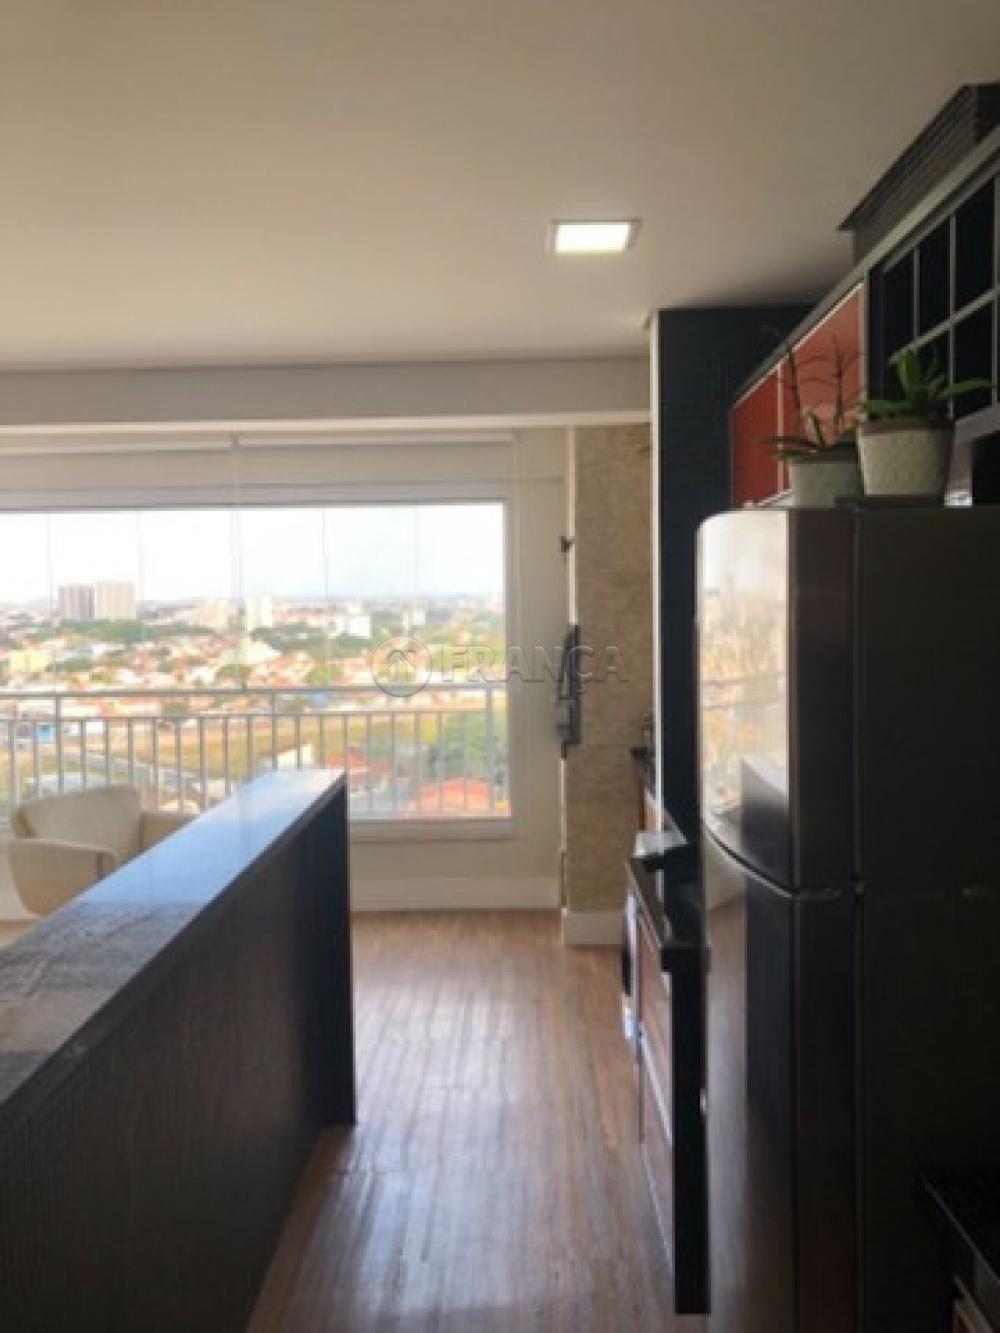 Comprar Apartamento / Padrão em São José dos Campos R$ 470.000,00 - Foto 10